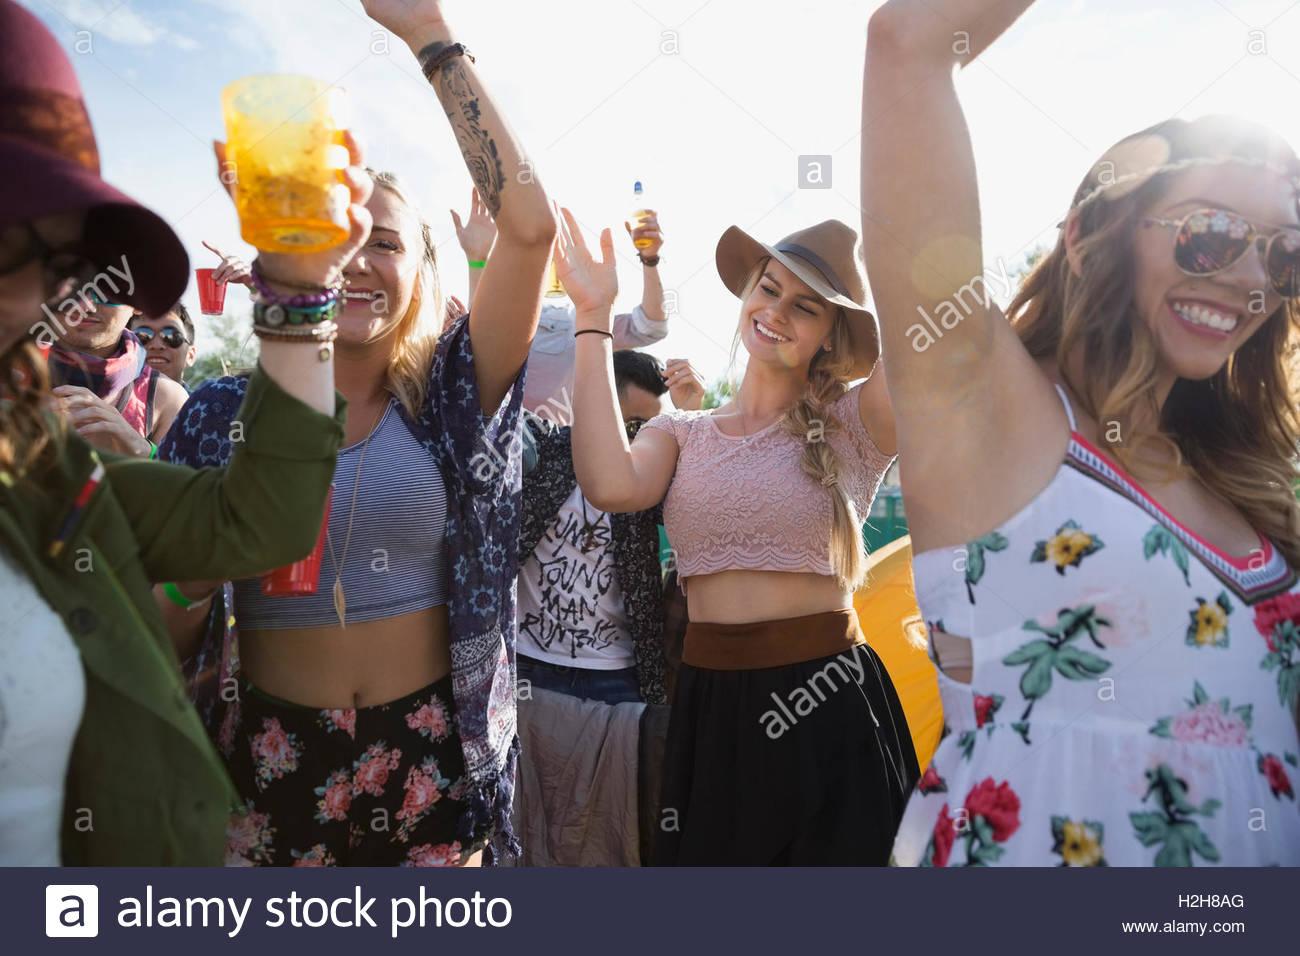 Multitud de jóvenes bailando en el festival de música de verano Foto de stock